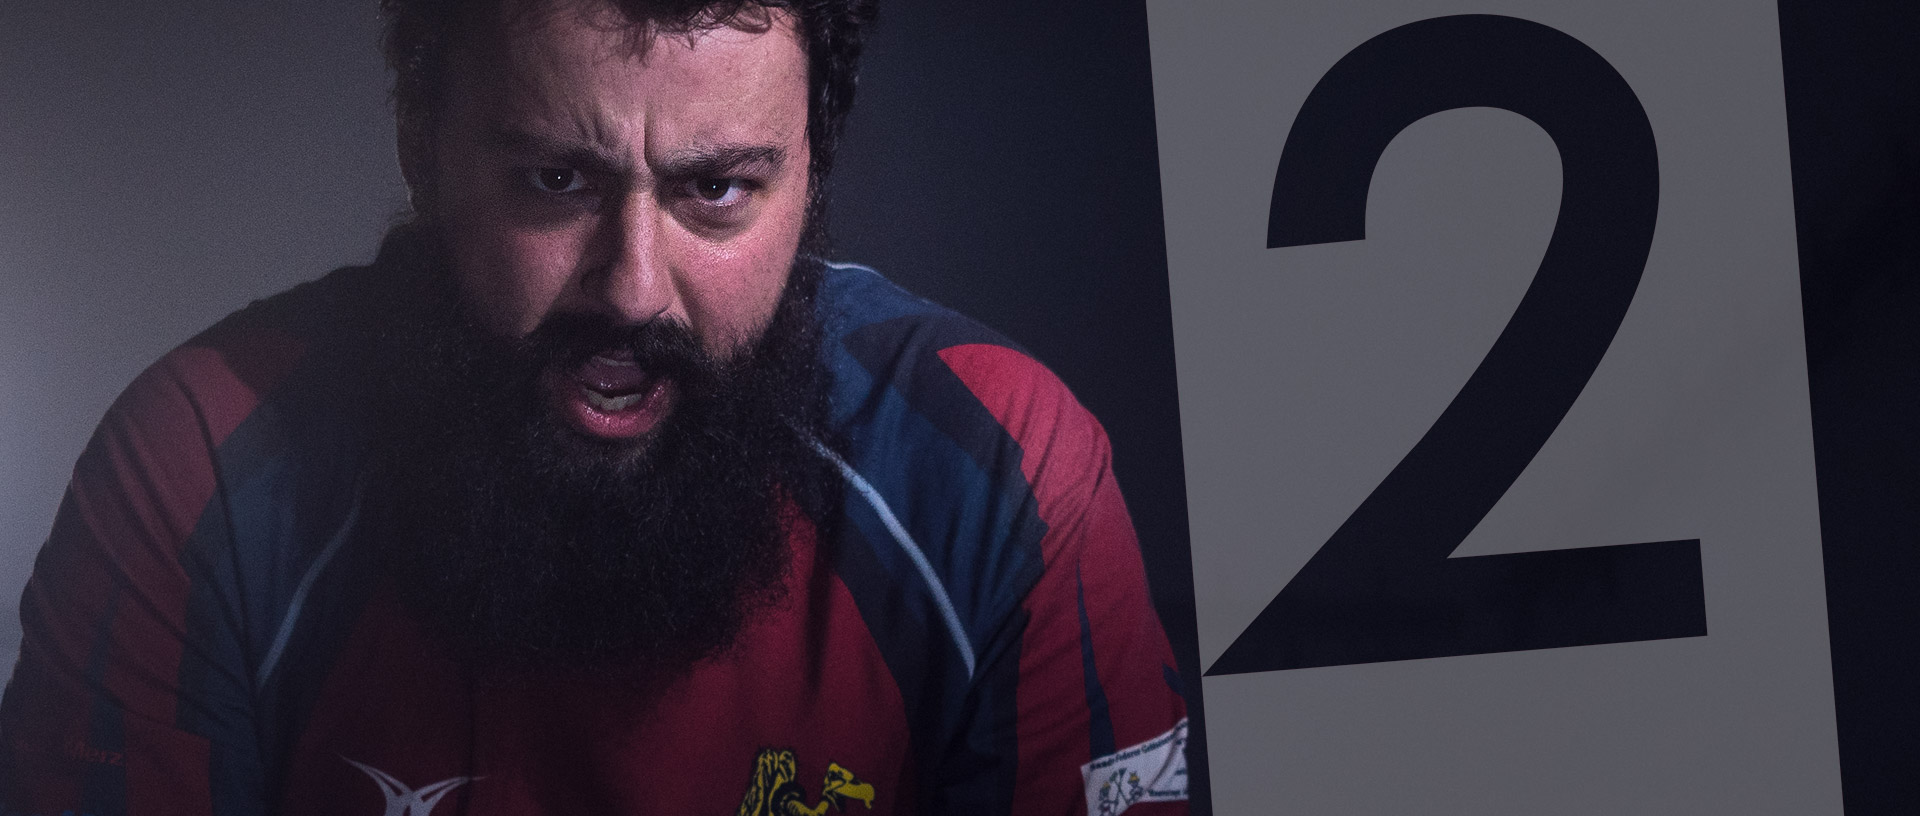 Sponsoring-Teaser für den Rugby Club Würenlos. Wer will sich mit den harten Jungs messen?